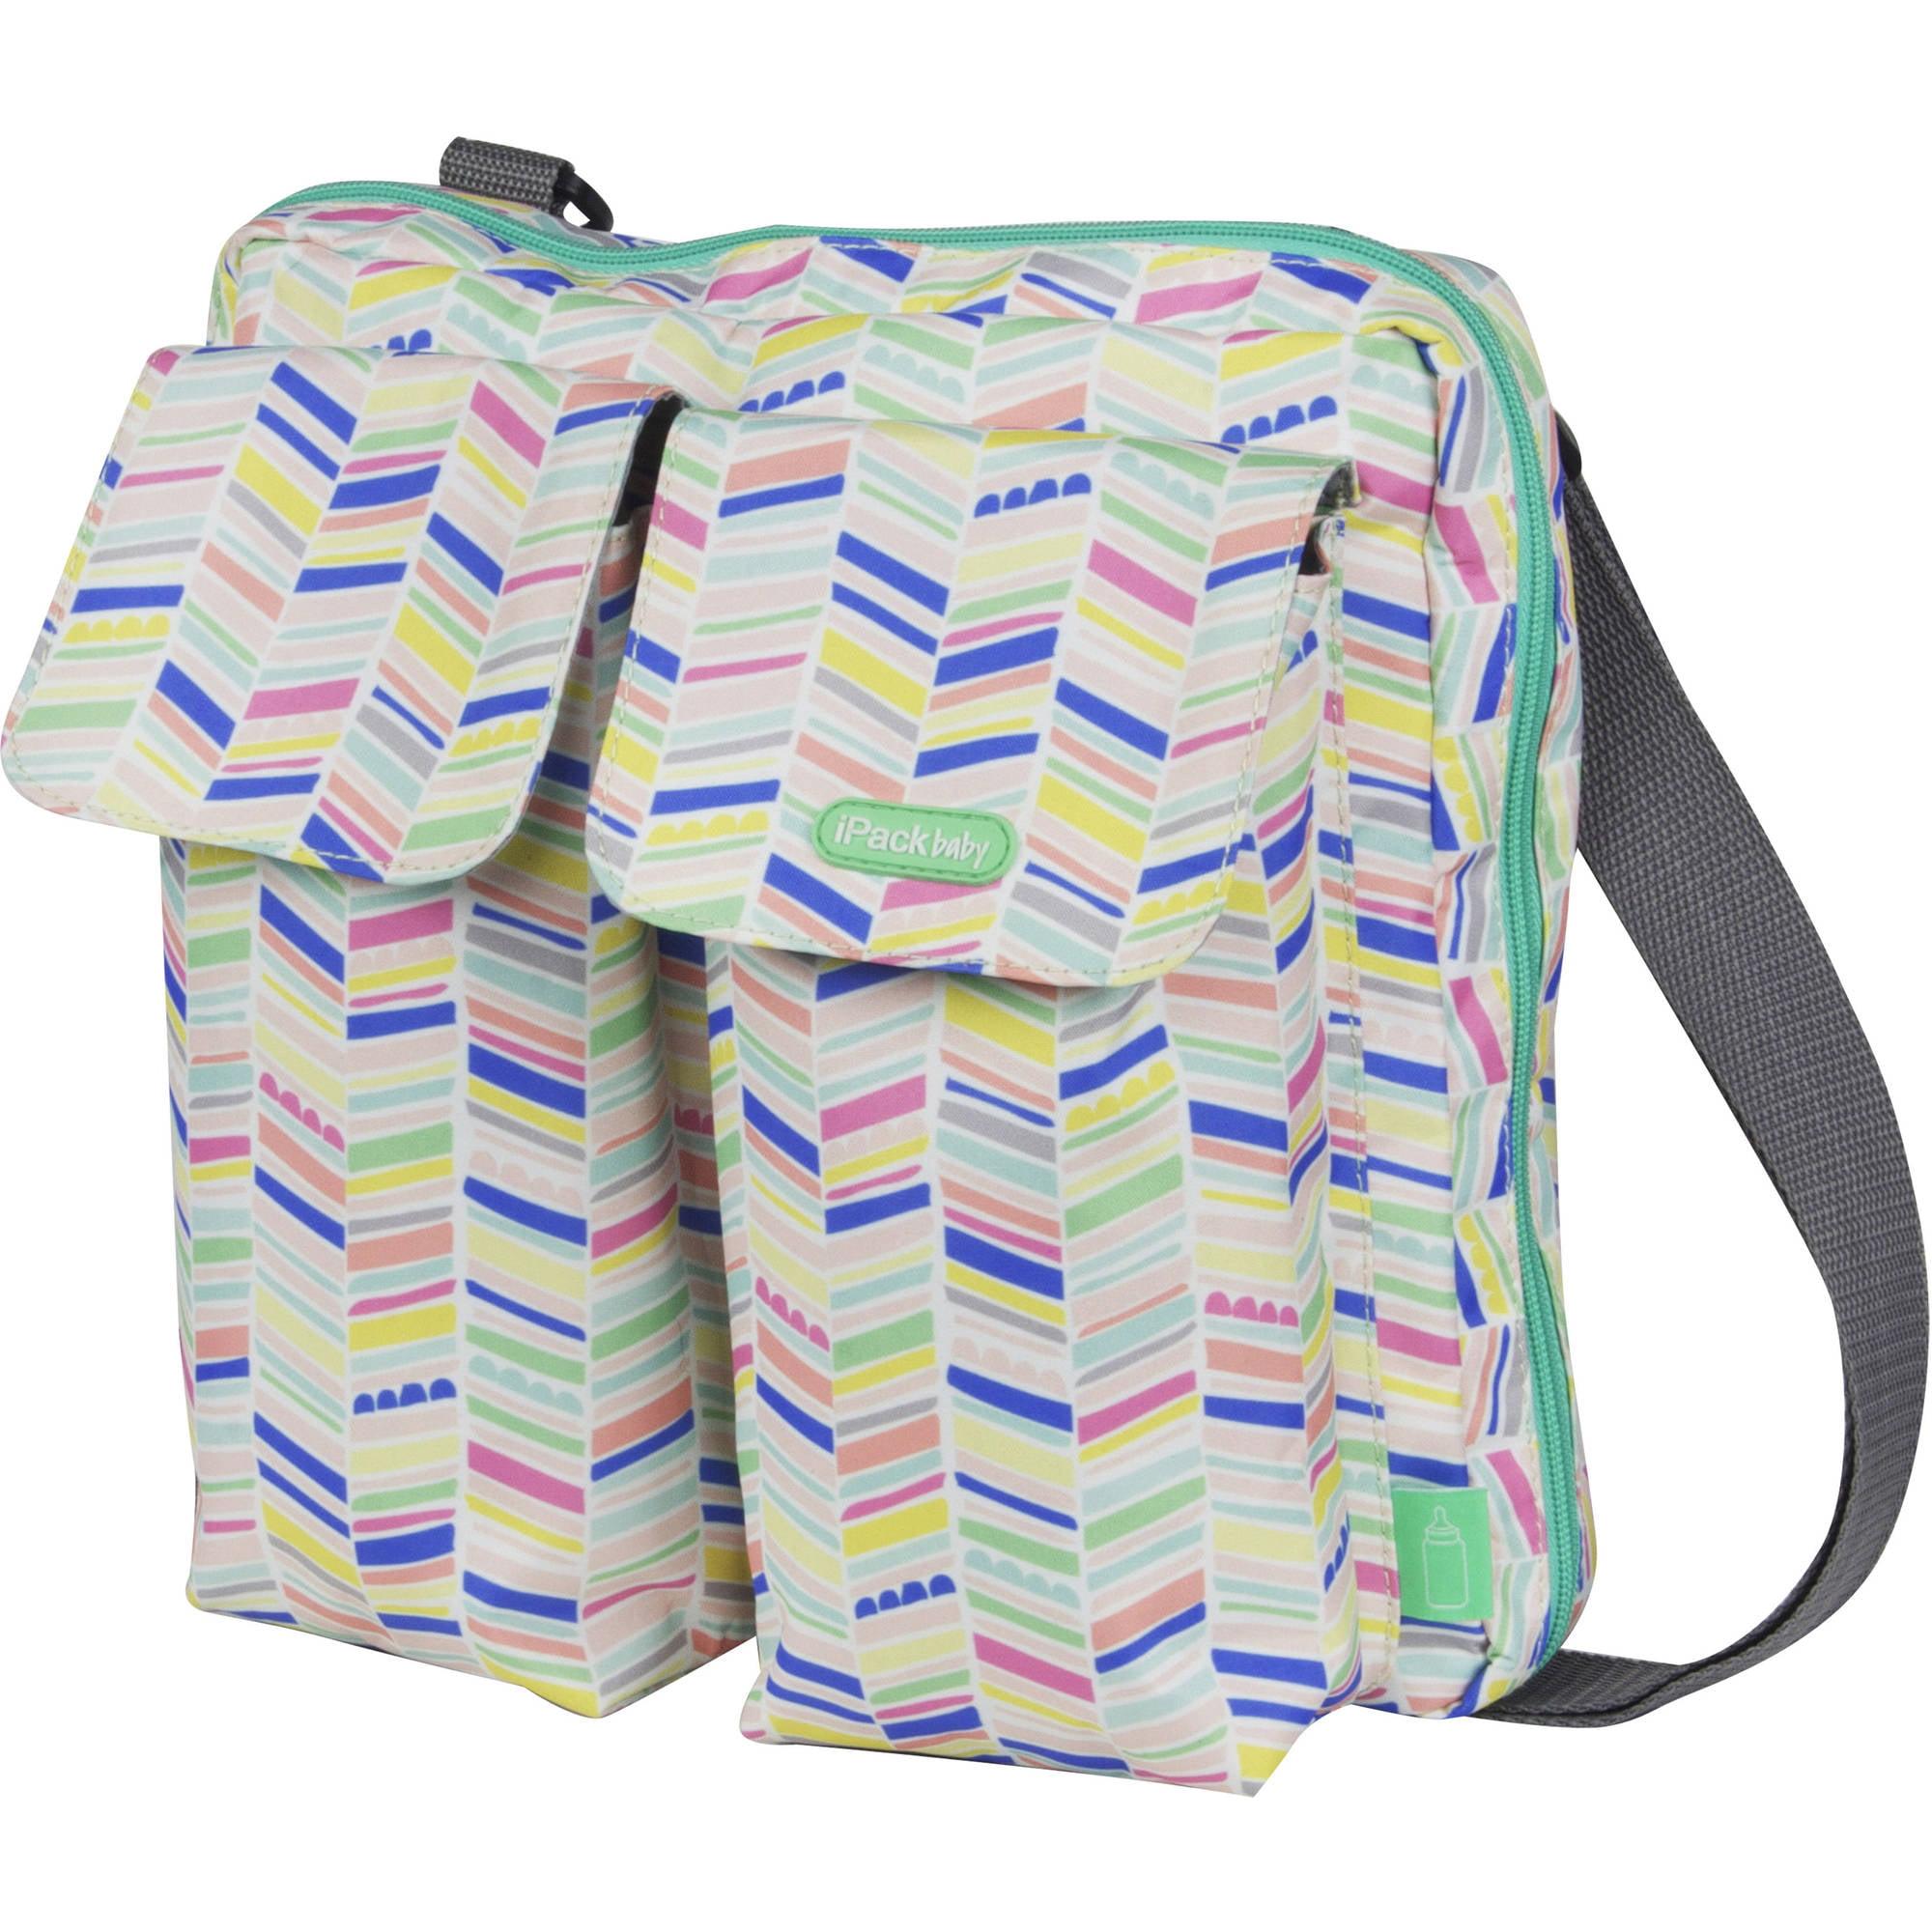 iPack Baby Mini Diaper Bag